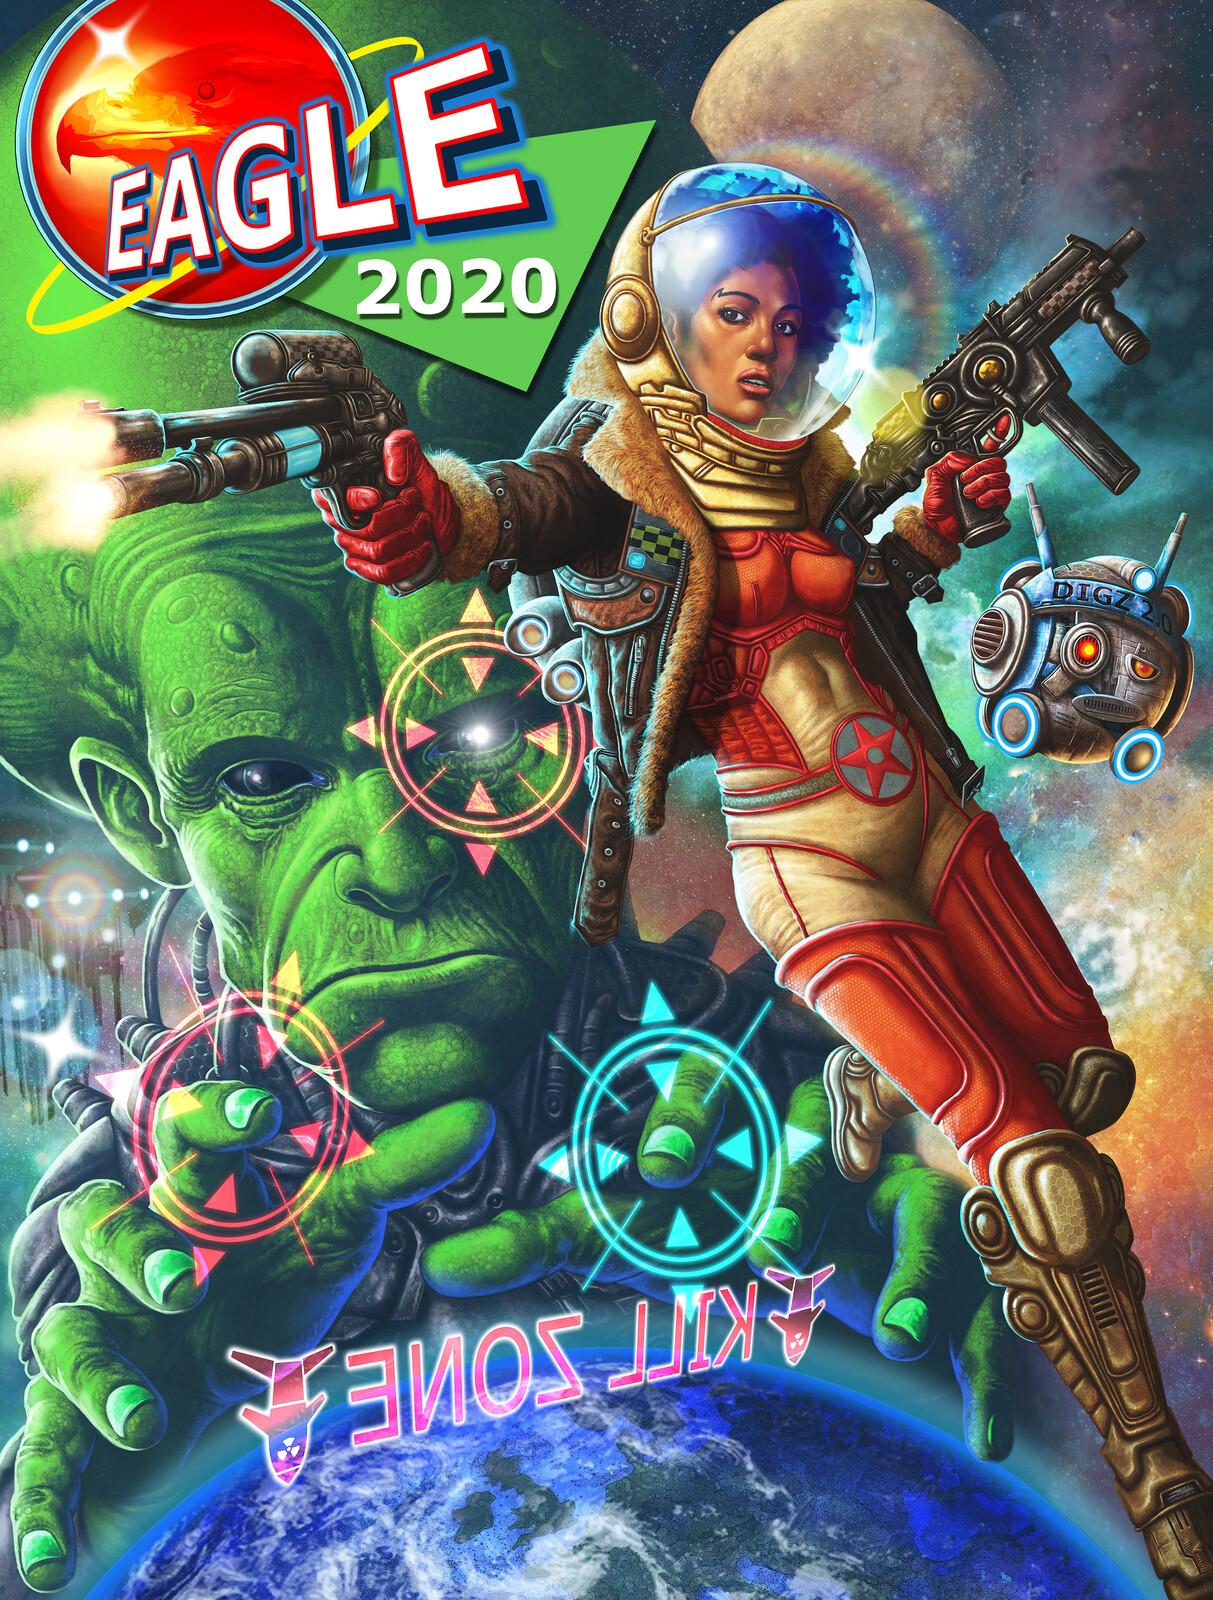 Dan Dare 2020 with eagle text